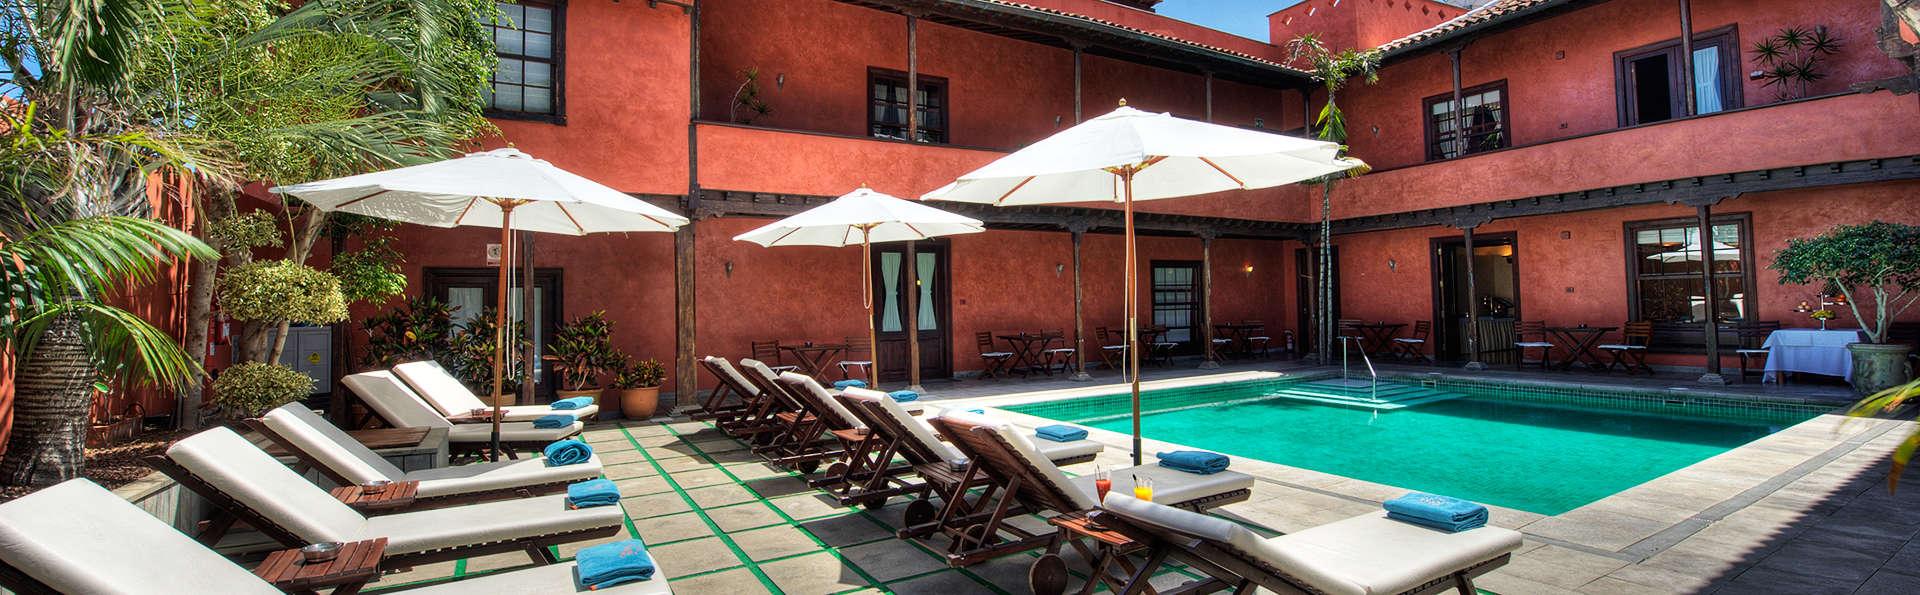 Hotel San Roque - EDIT_pool2.jpg